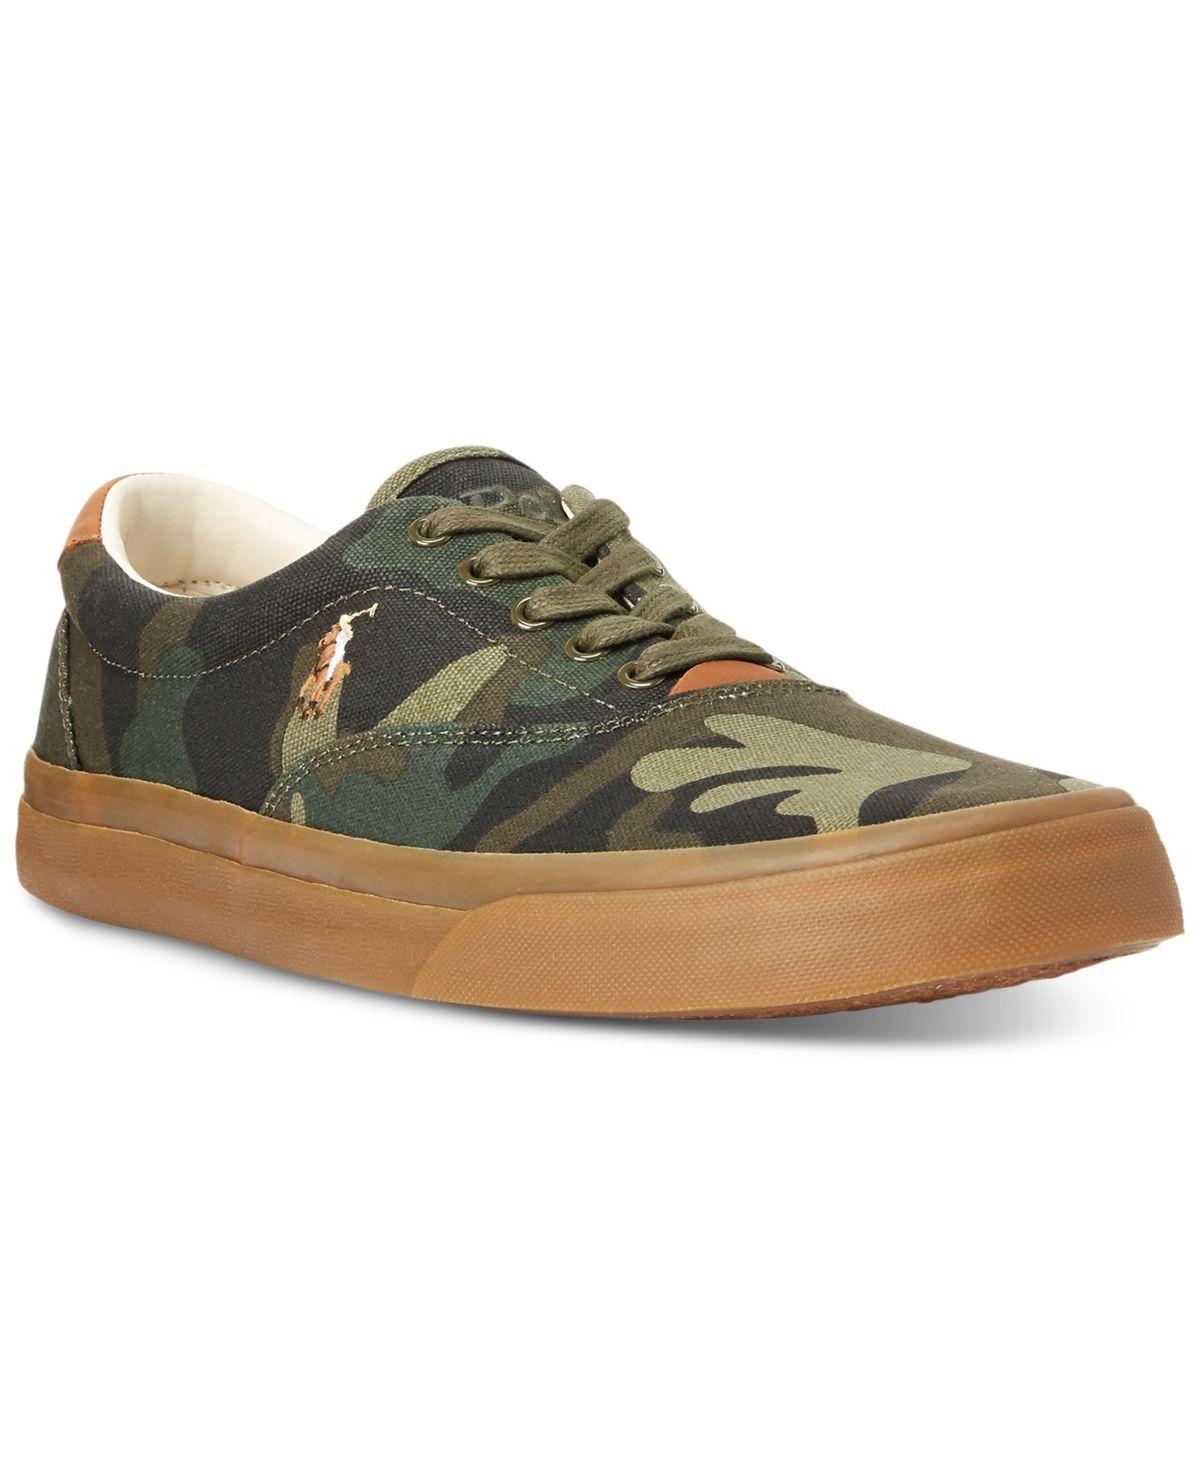 Polo Ralph Lauren Men's Thorton Camo Canvas Shoes Dark